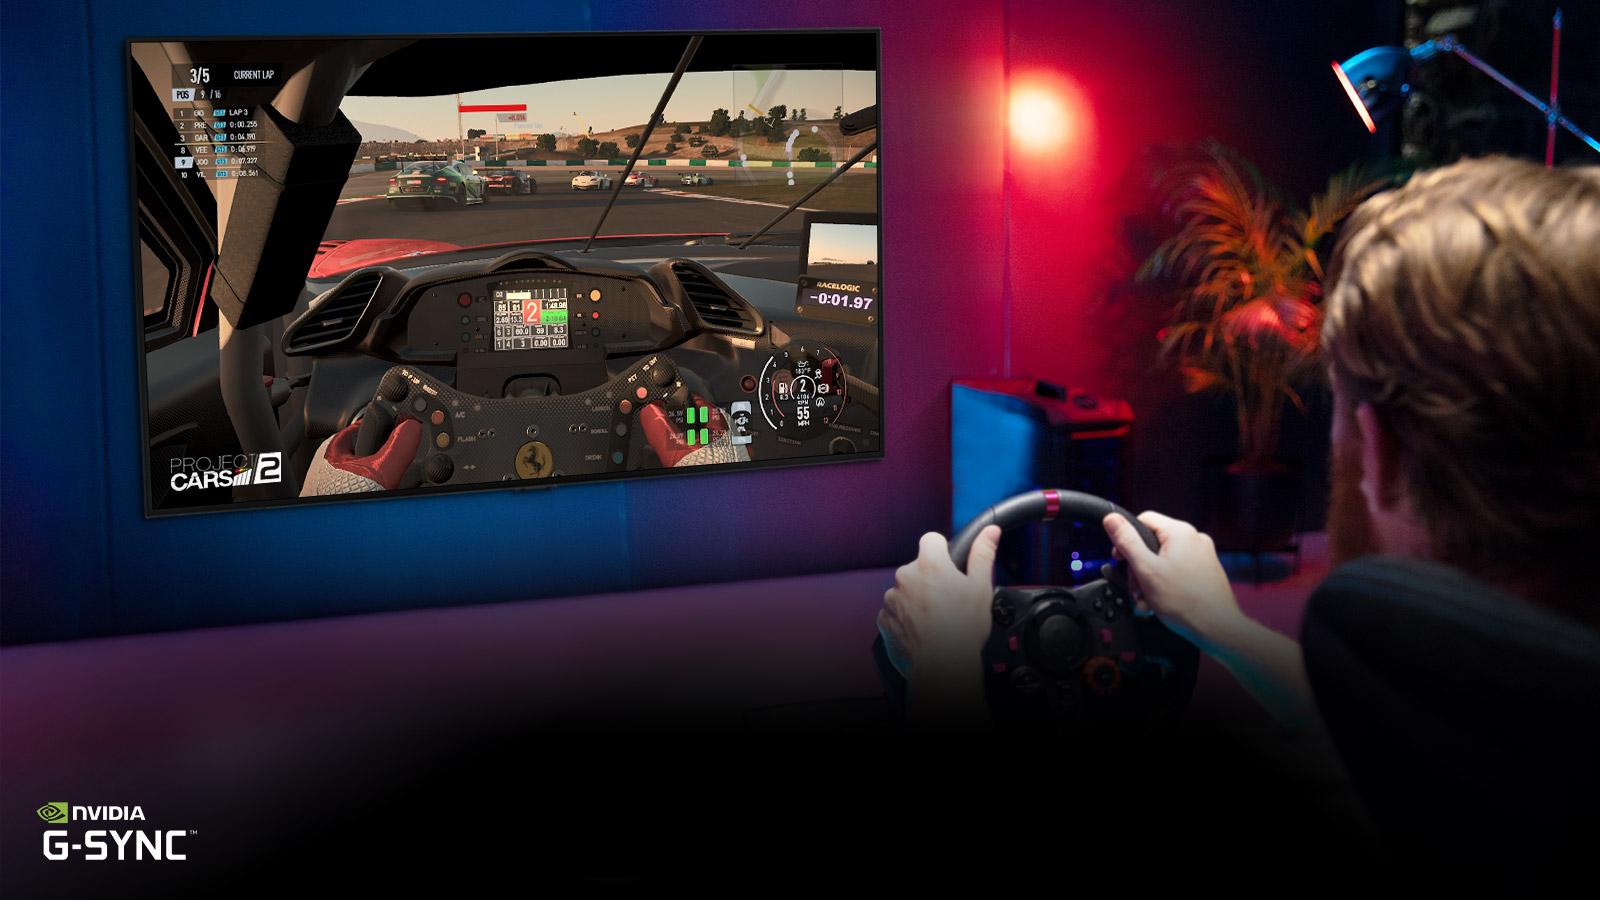 Moški, ki sedi na stolu, namenjenem igranju dirkalnih video iger, drži dirkalno kolo, medtem ko na televizijskem zaslonu igra dirkaško video igro.